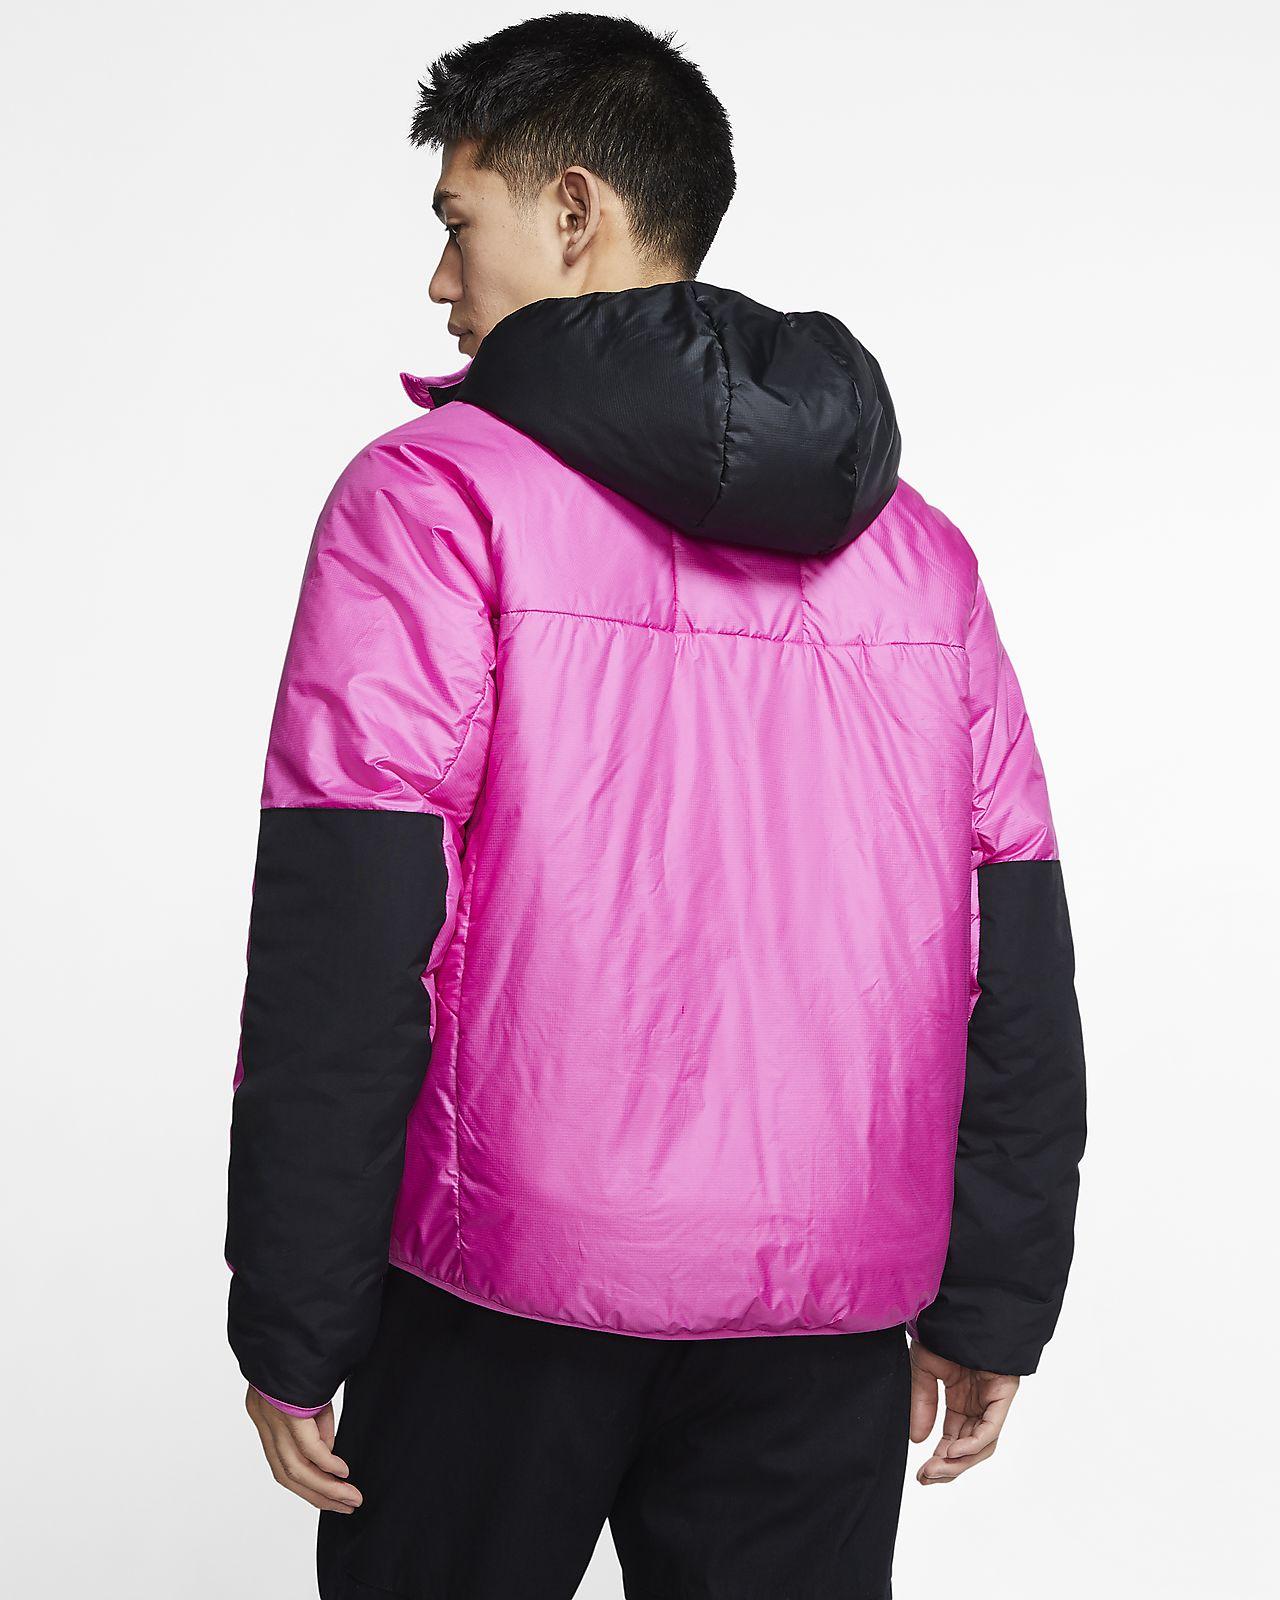 Nike ACG Therma Fit Fleece Jacket